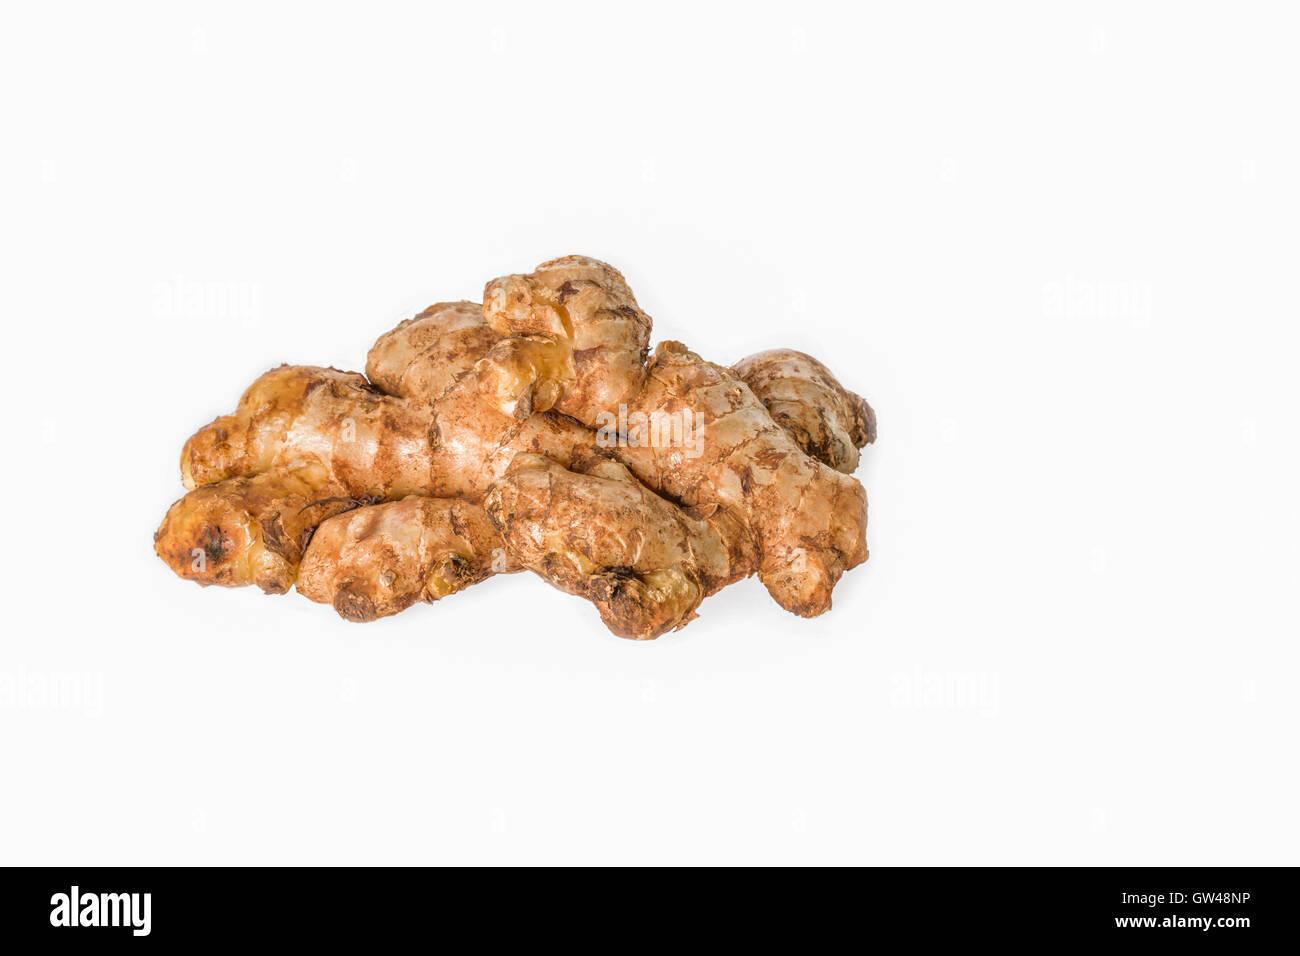 Fresh Ginger rhizome on a white background - Stock Image